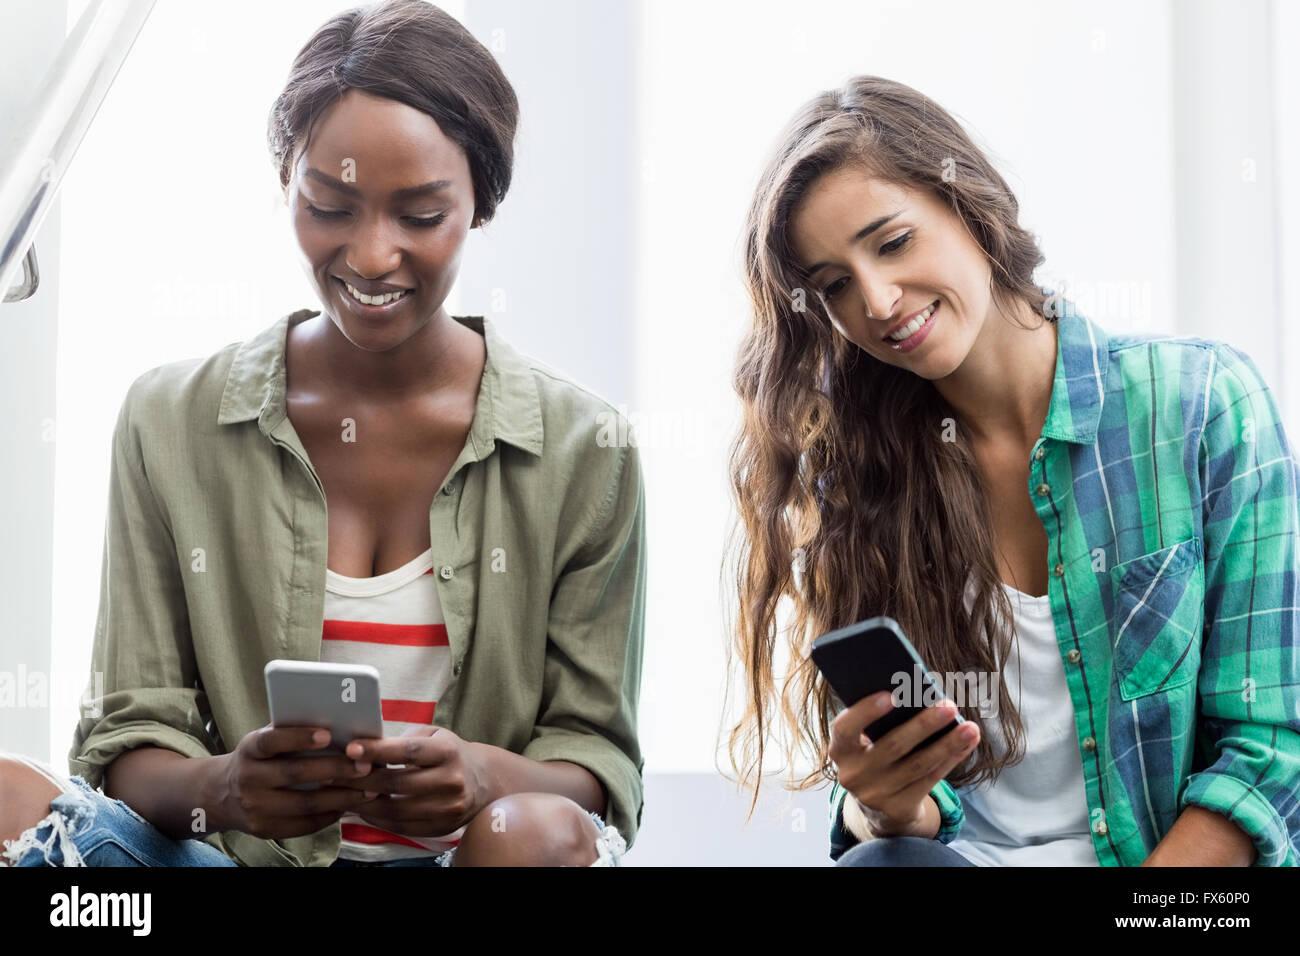 Gli amici utilizzando il telefono cellulare Immagini Stock